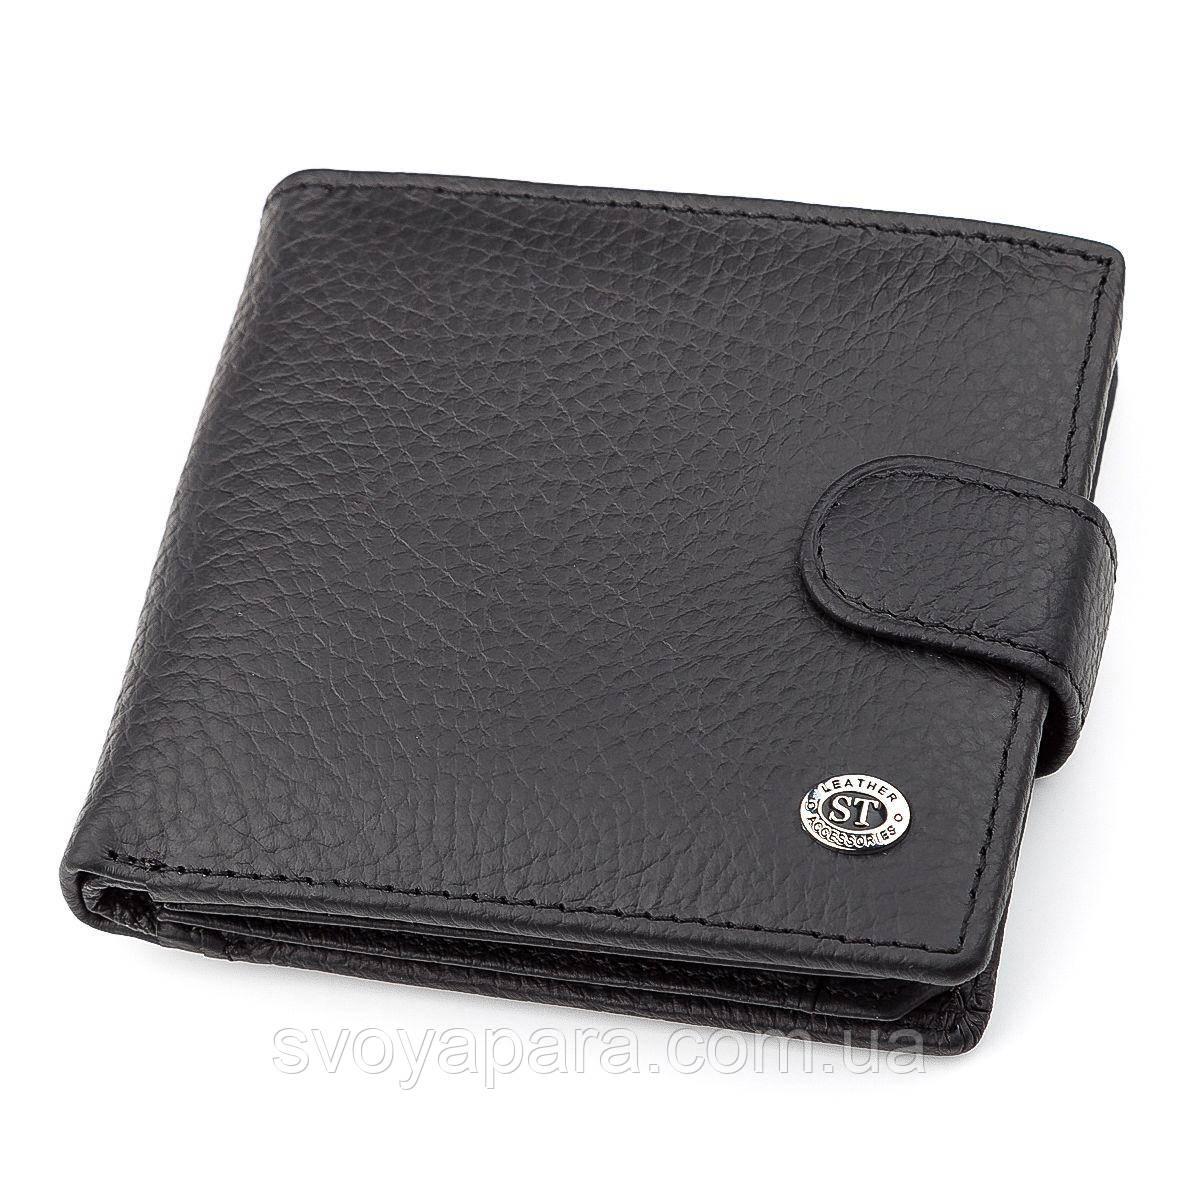 Мужской кошелек ST Leather 18345 (ST153) кожаный Черный